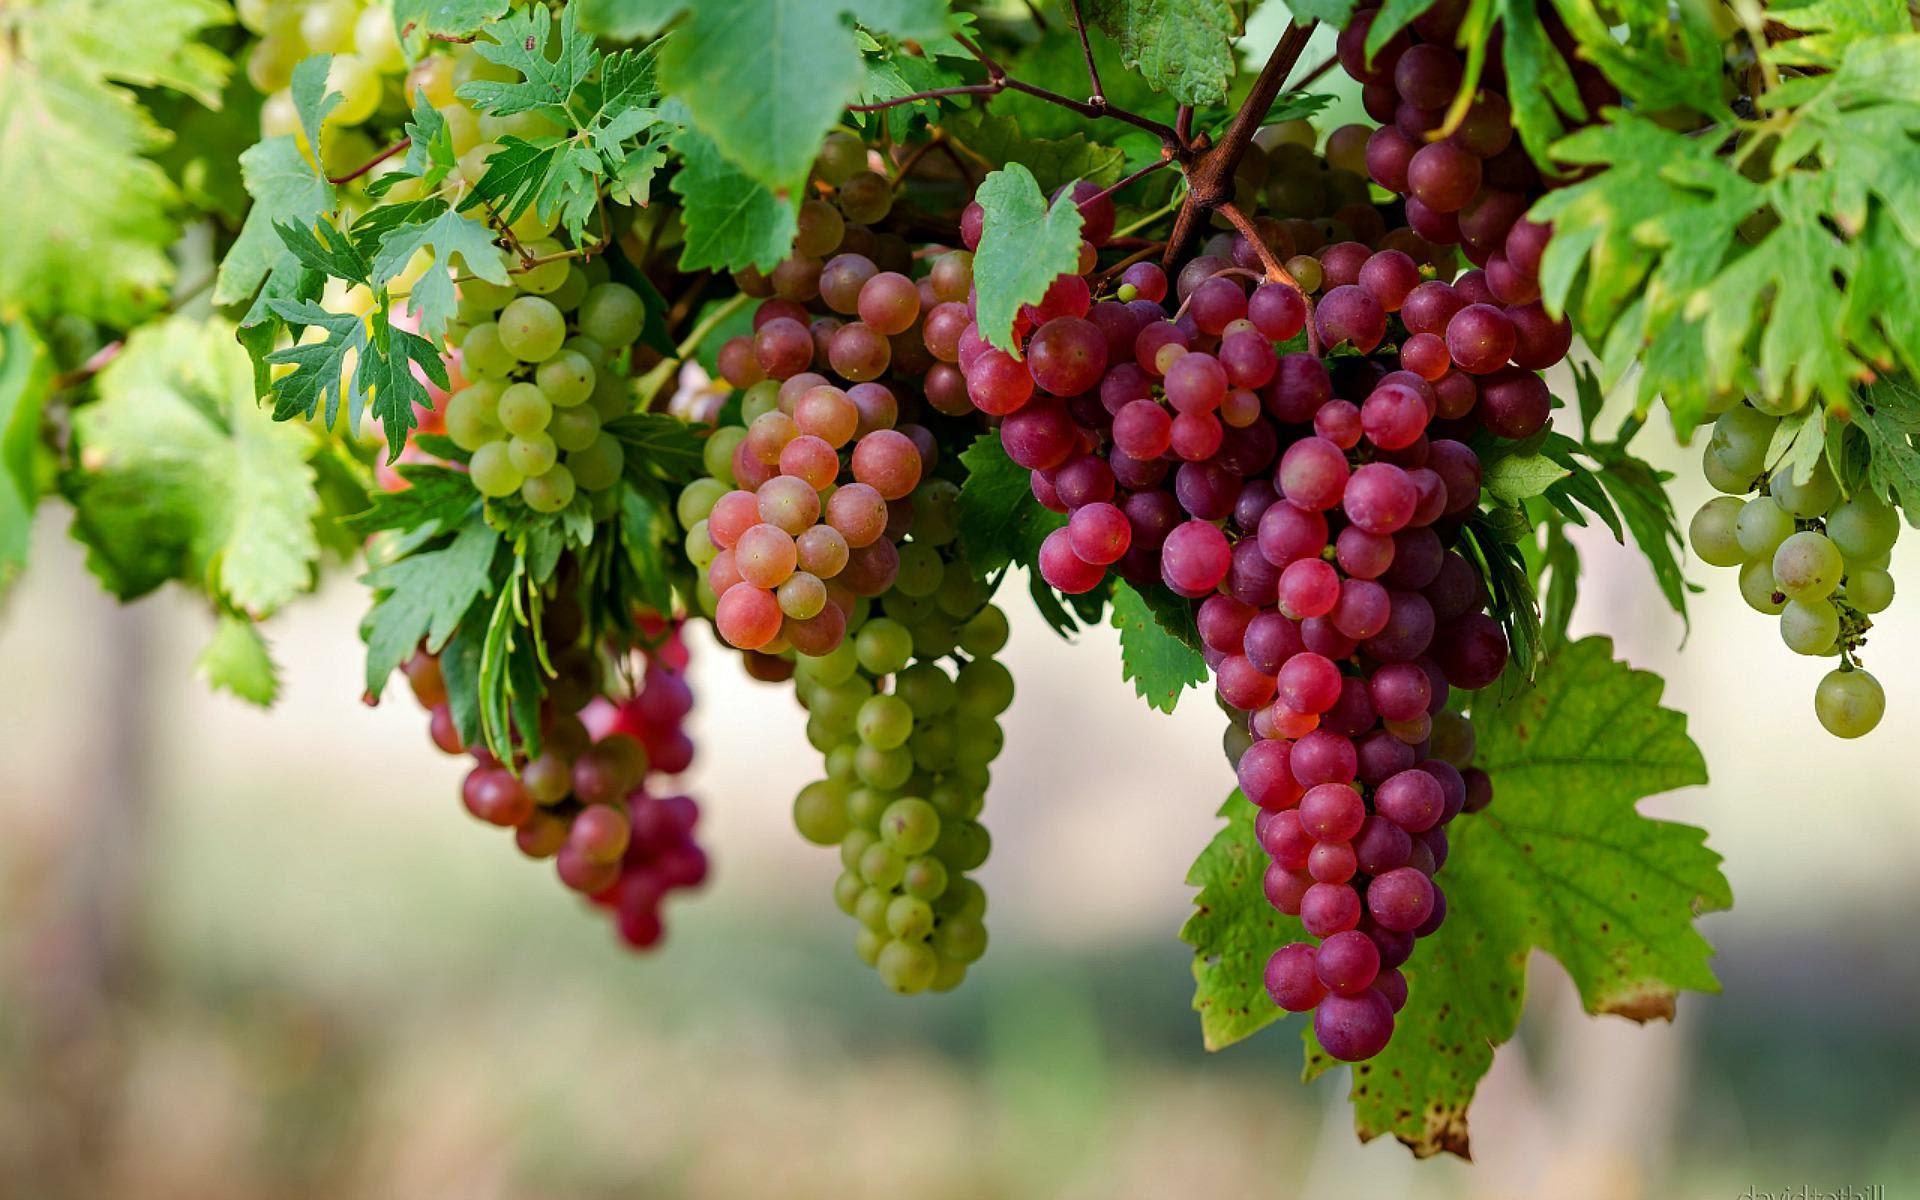 Kultivimi i vreshtave të rrushit, një biznes në rritje në Shqipëri